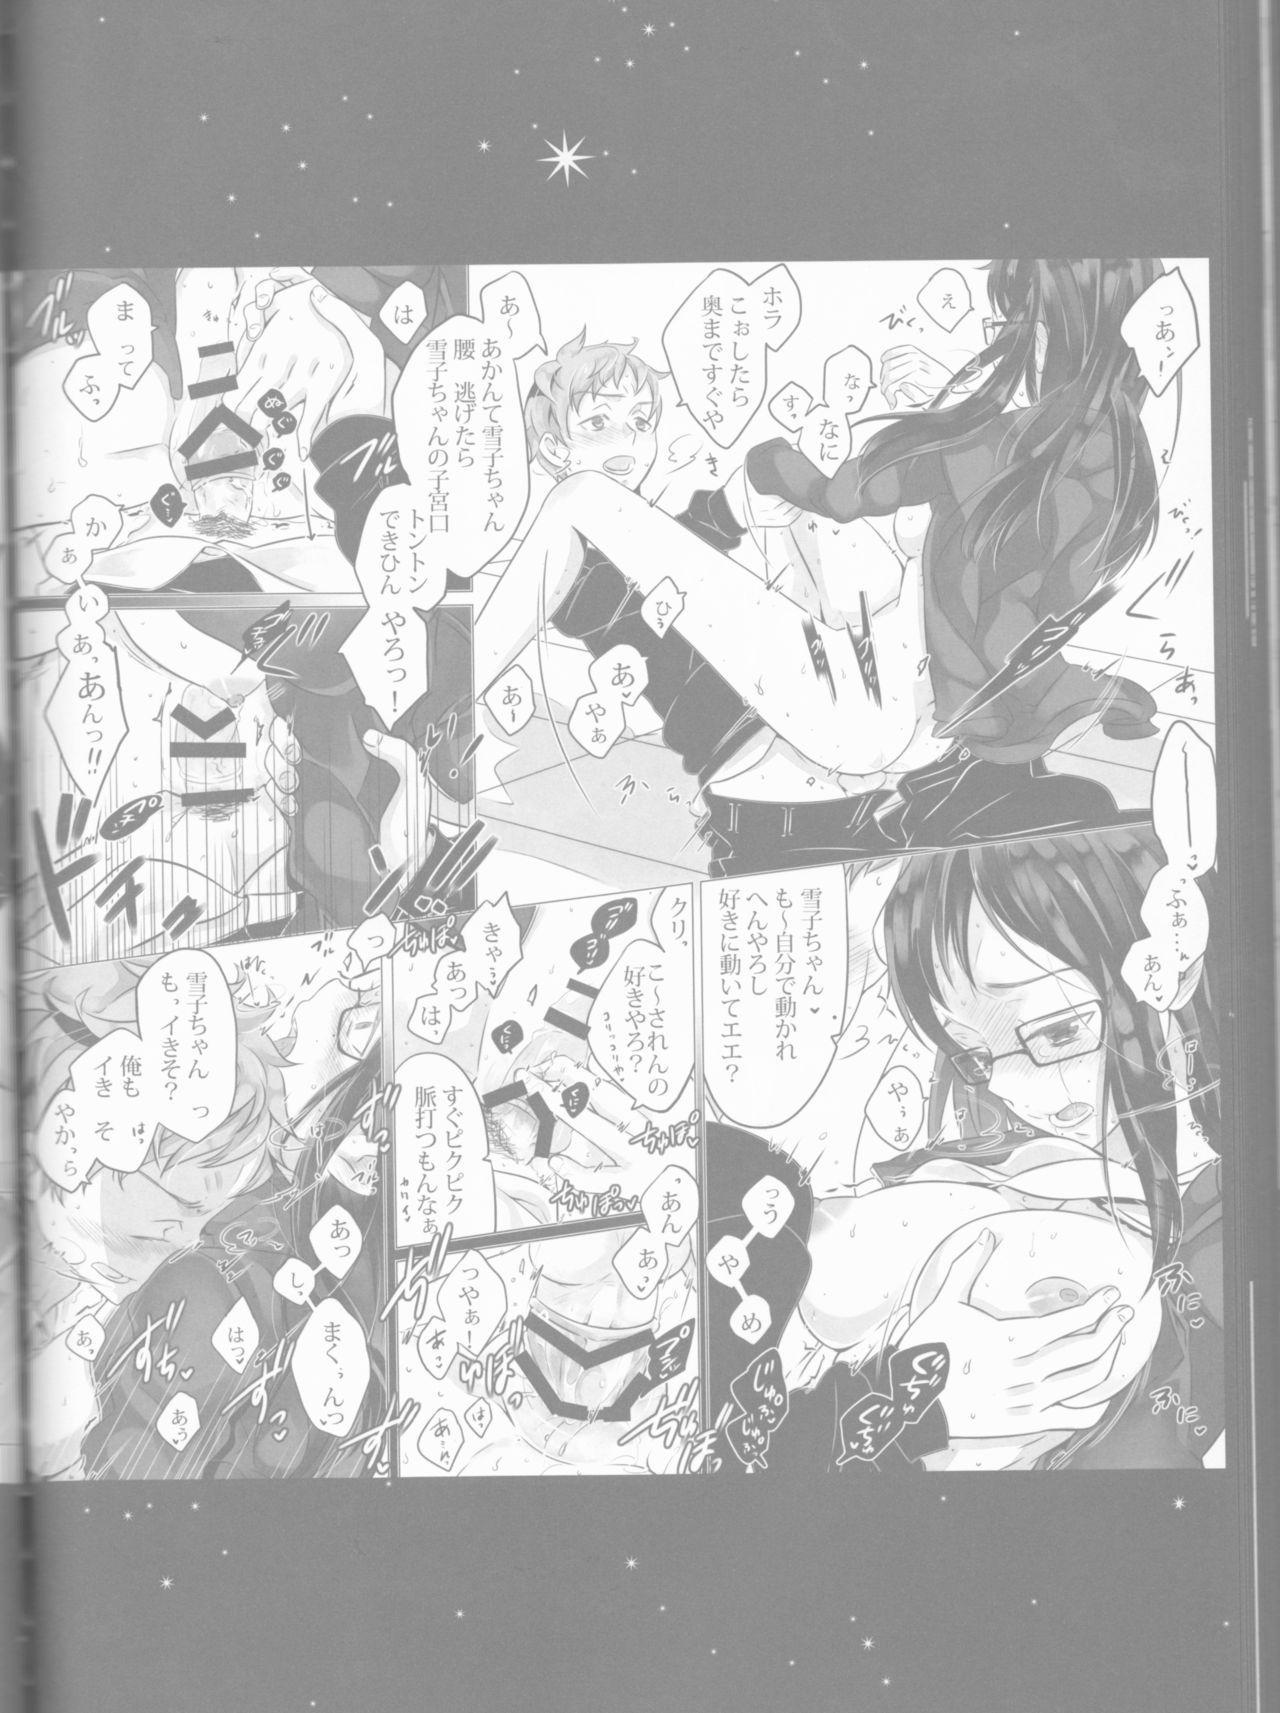 Toge hikari no navu~igātoria book 2(blue exorcist] 72